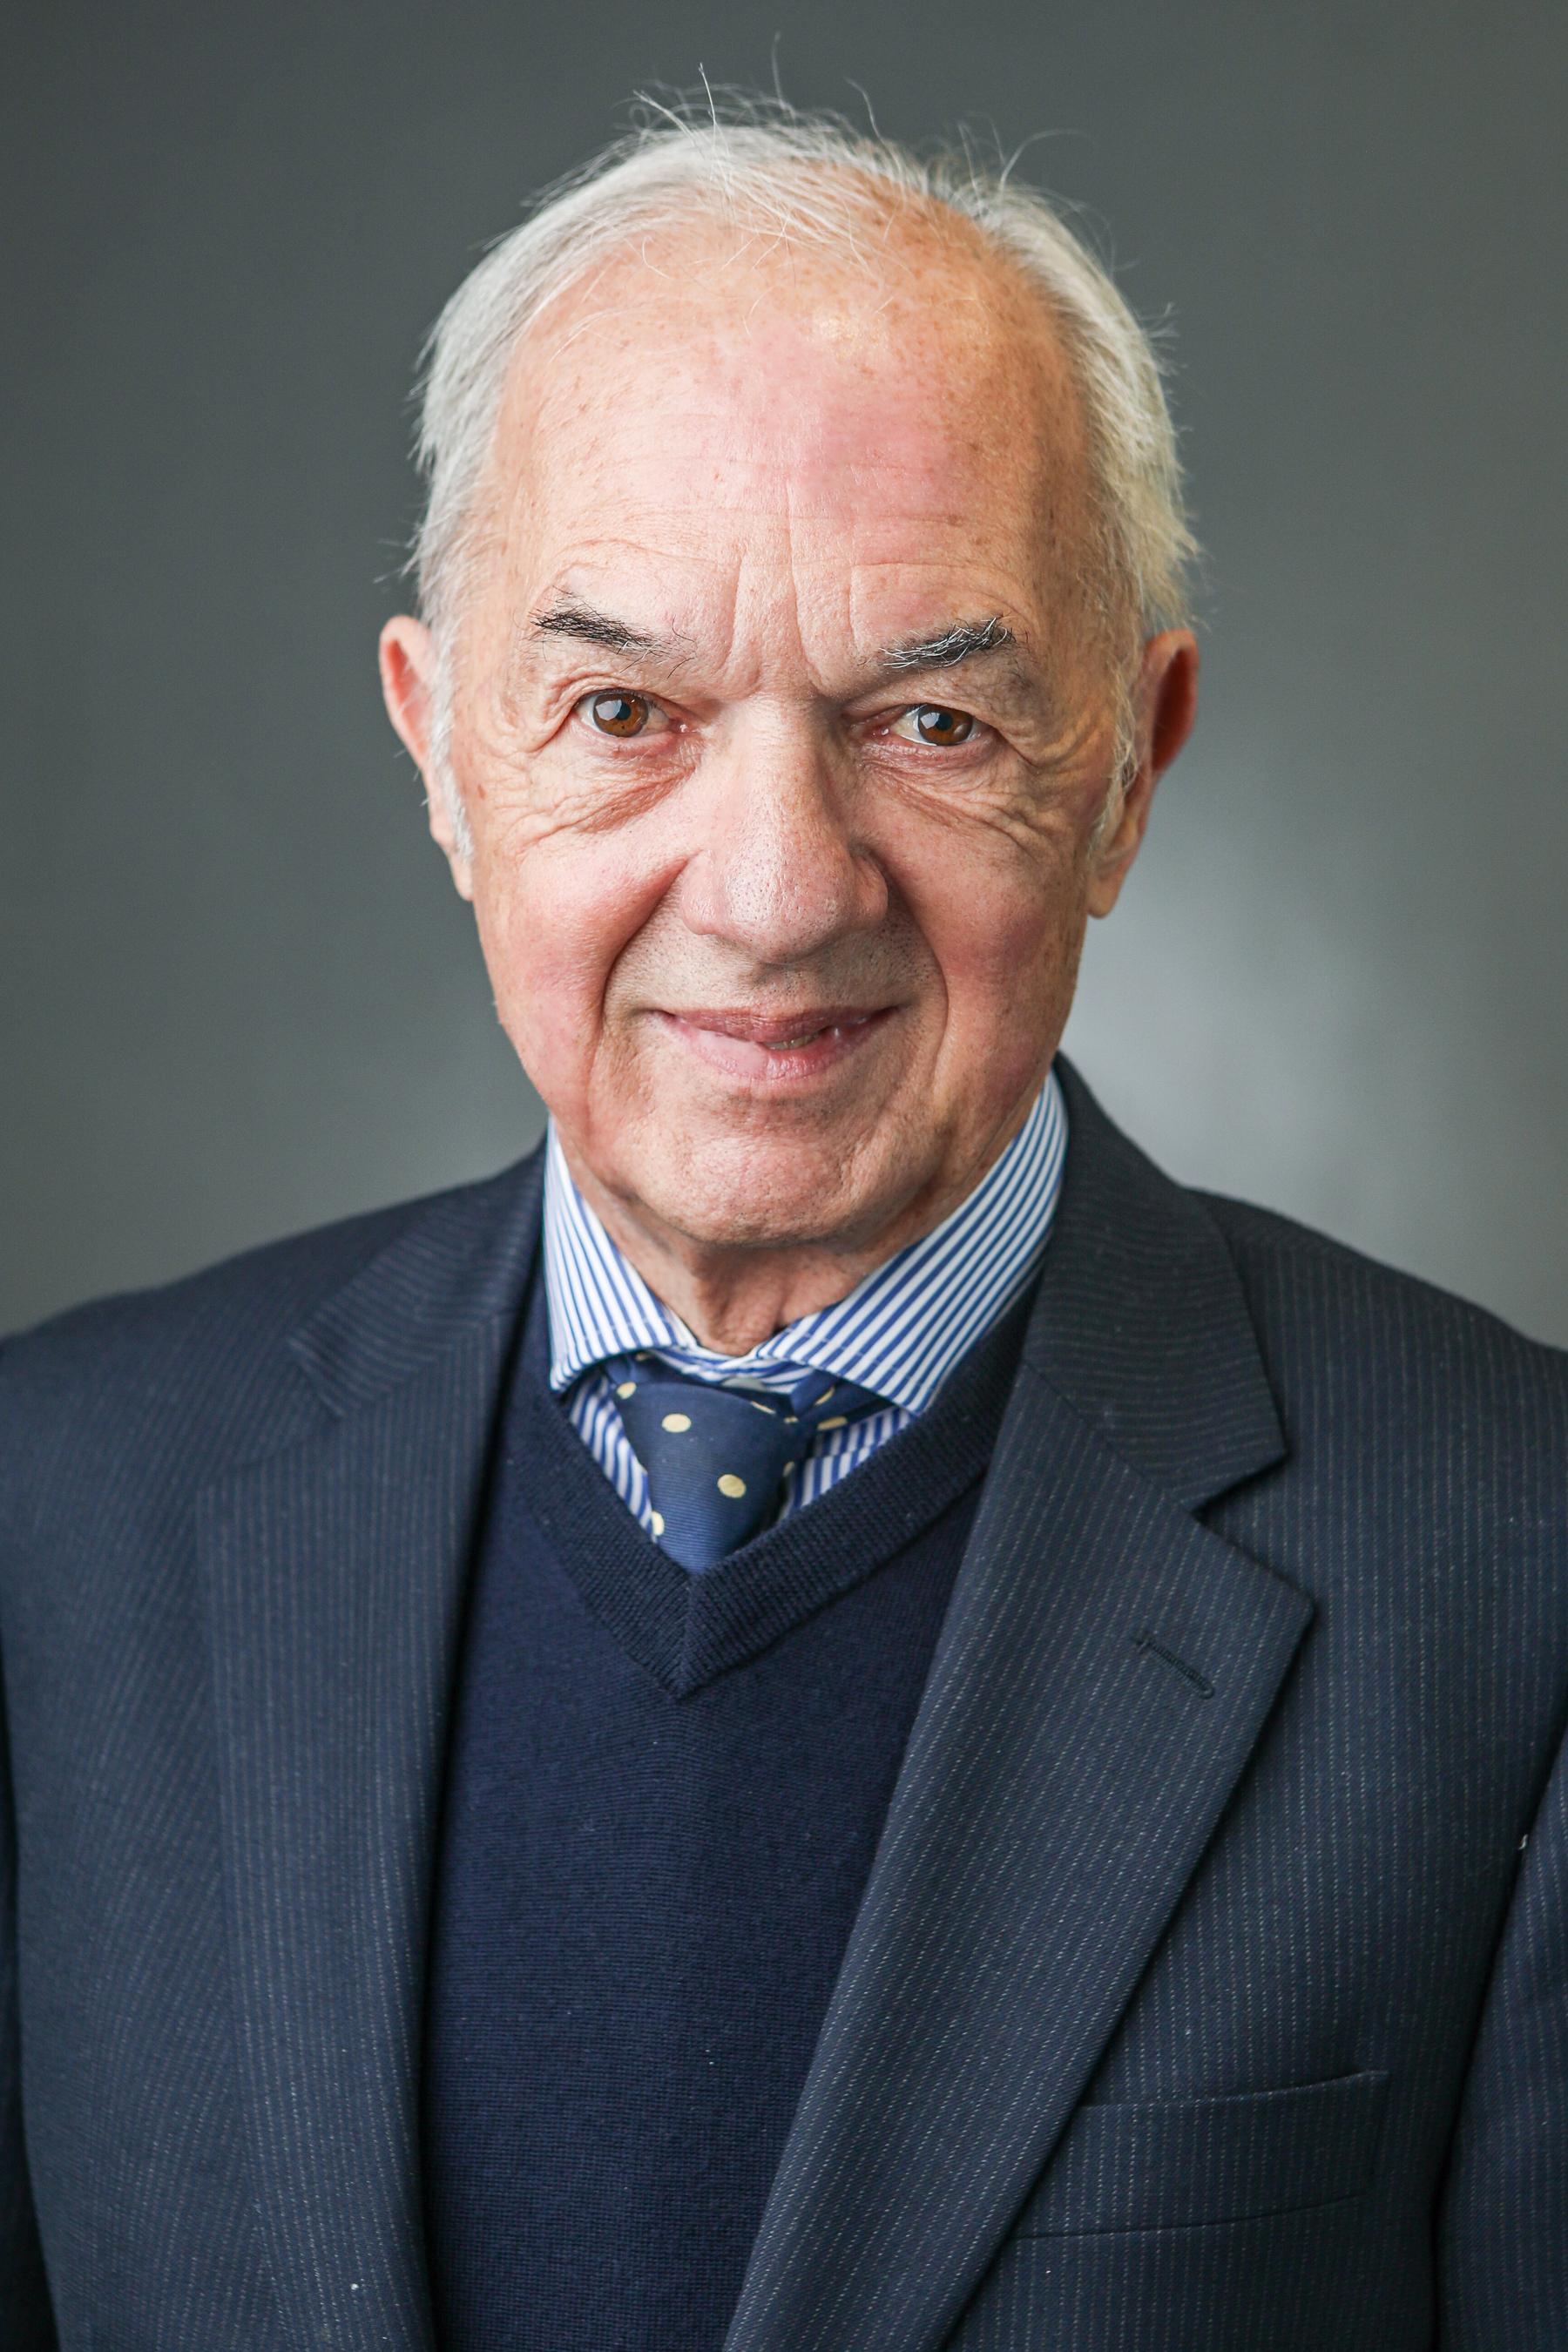 Tony Struve